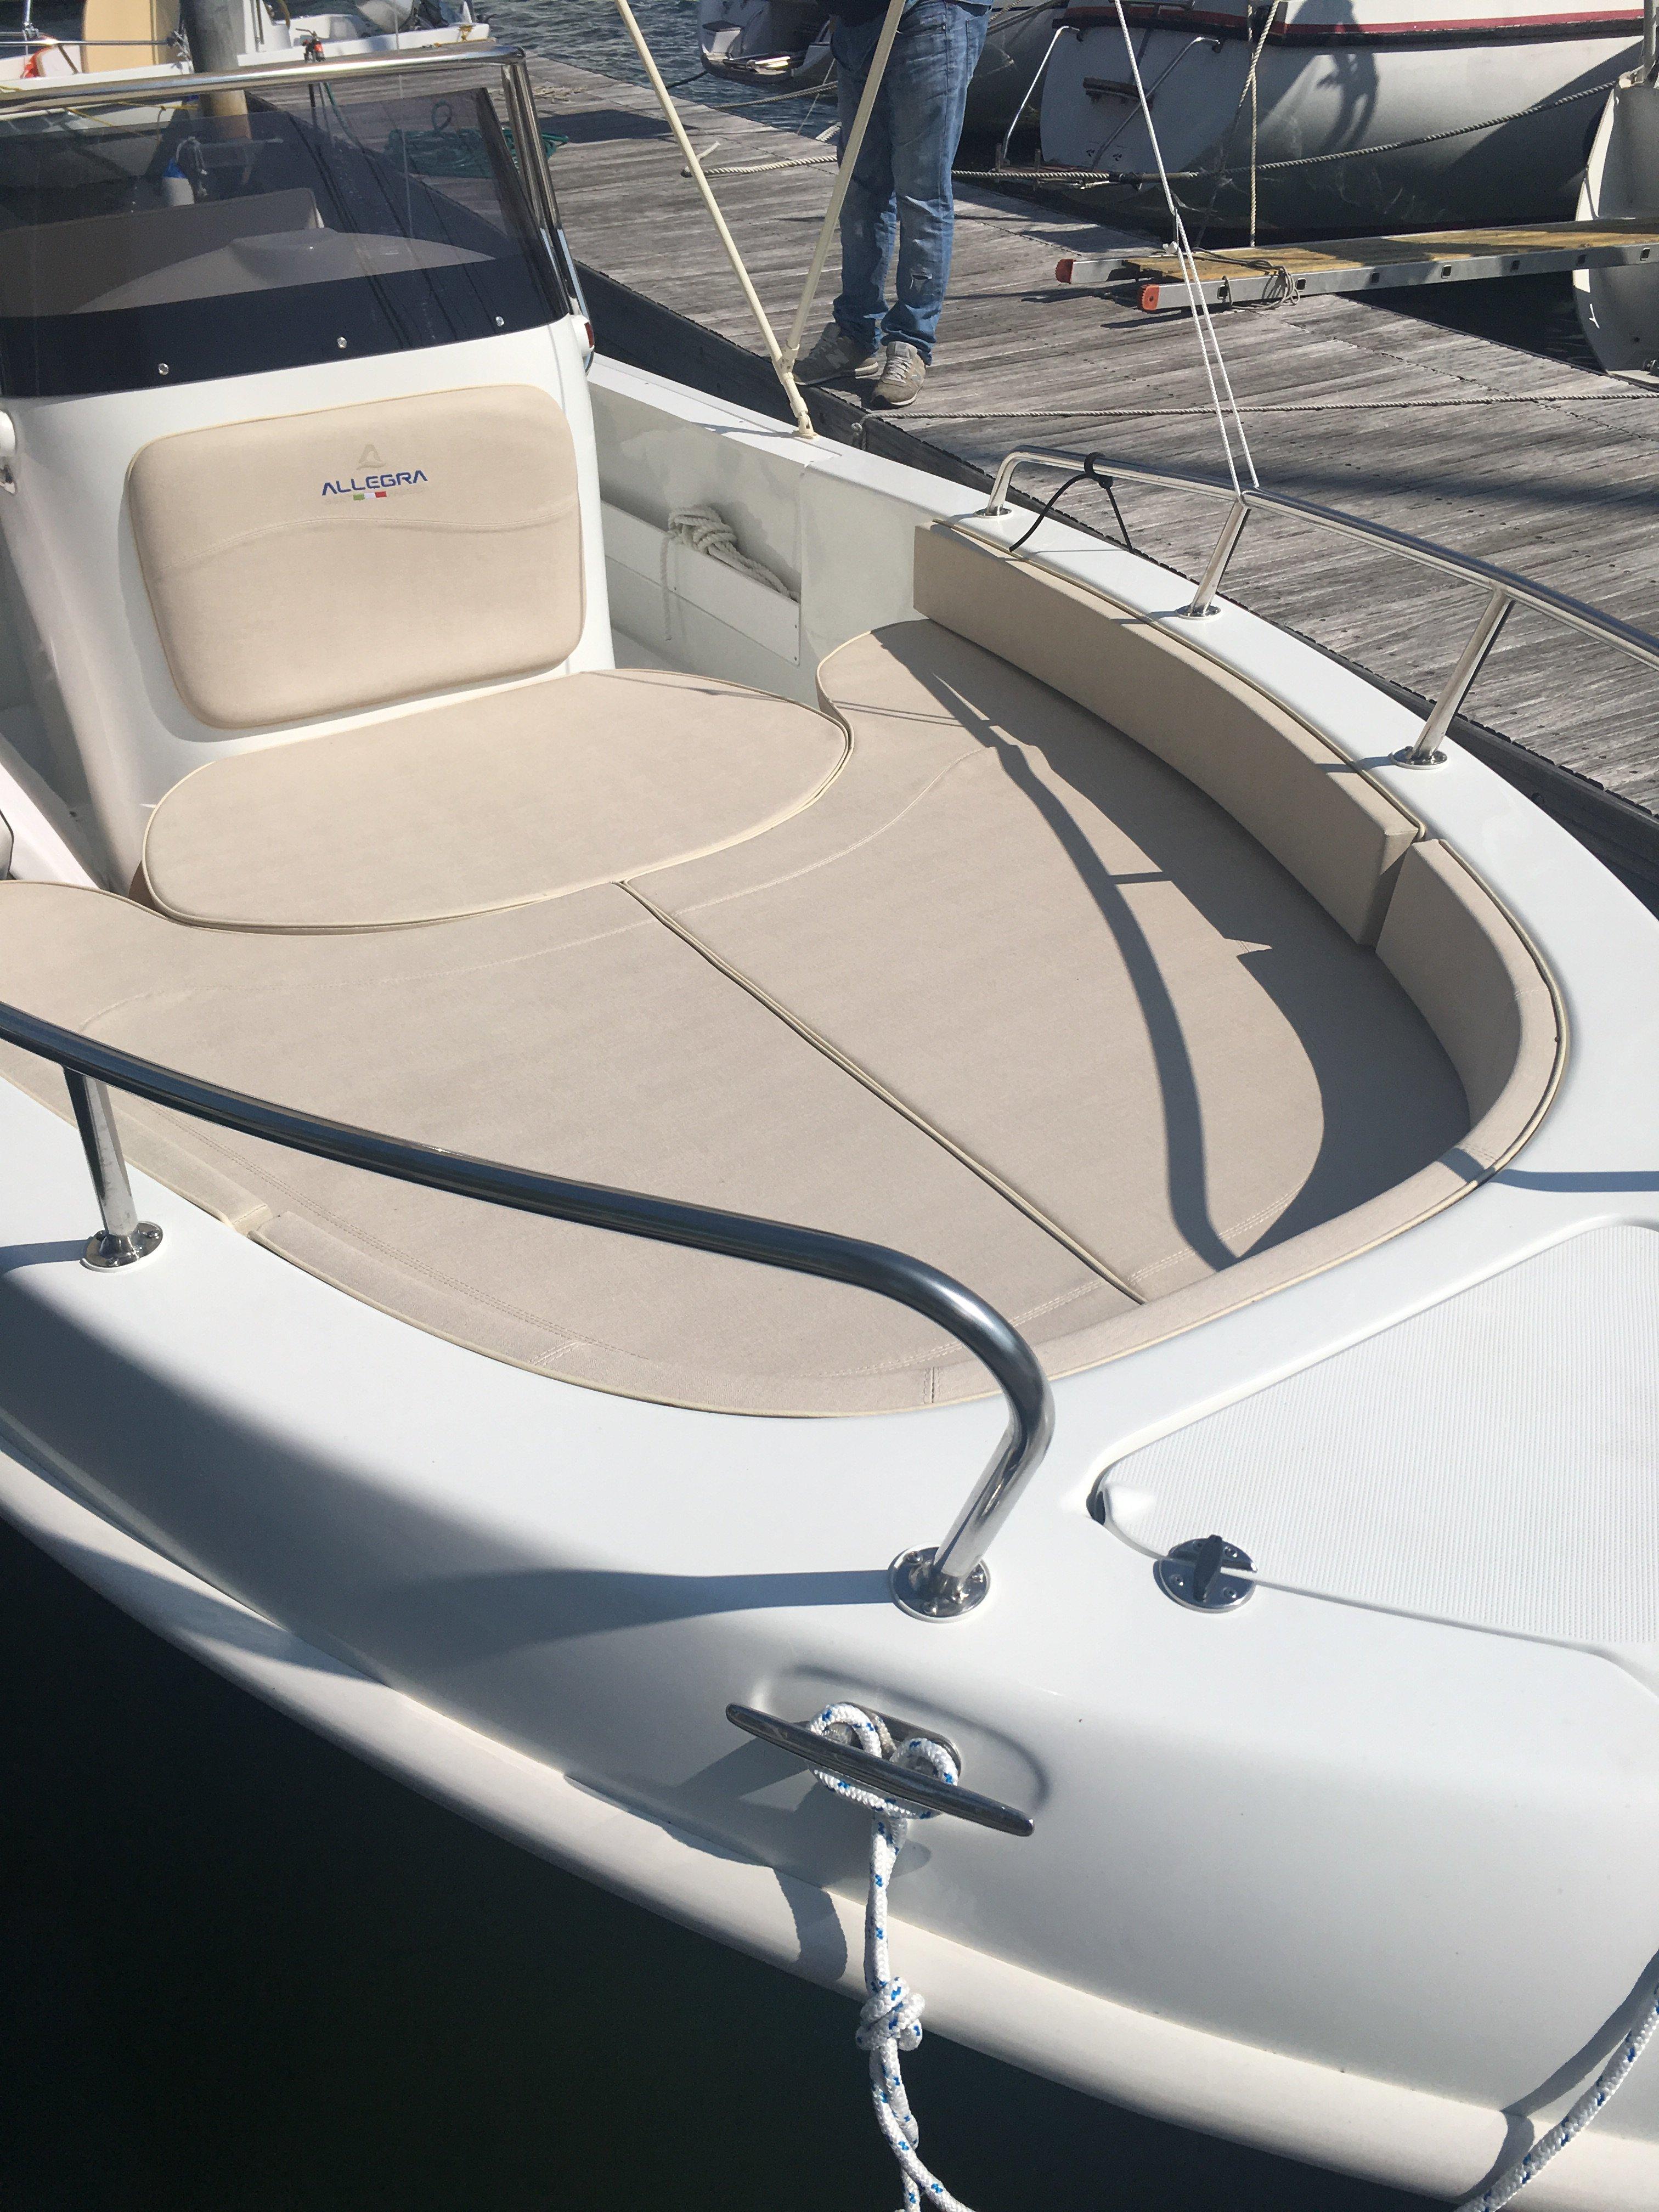 motore di una barca